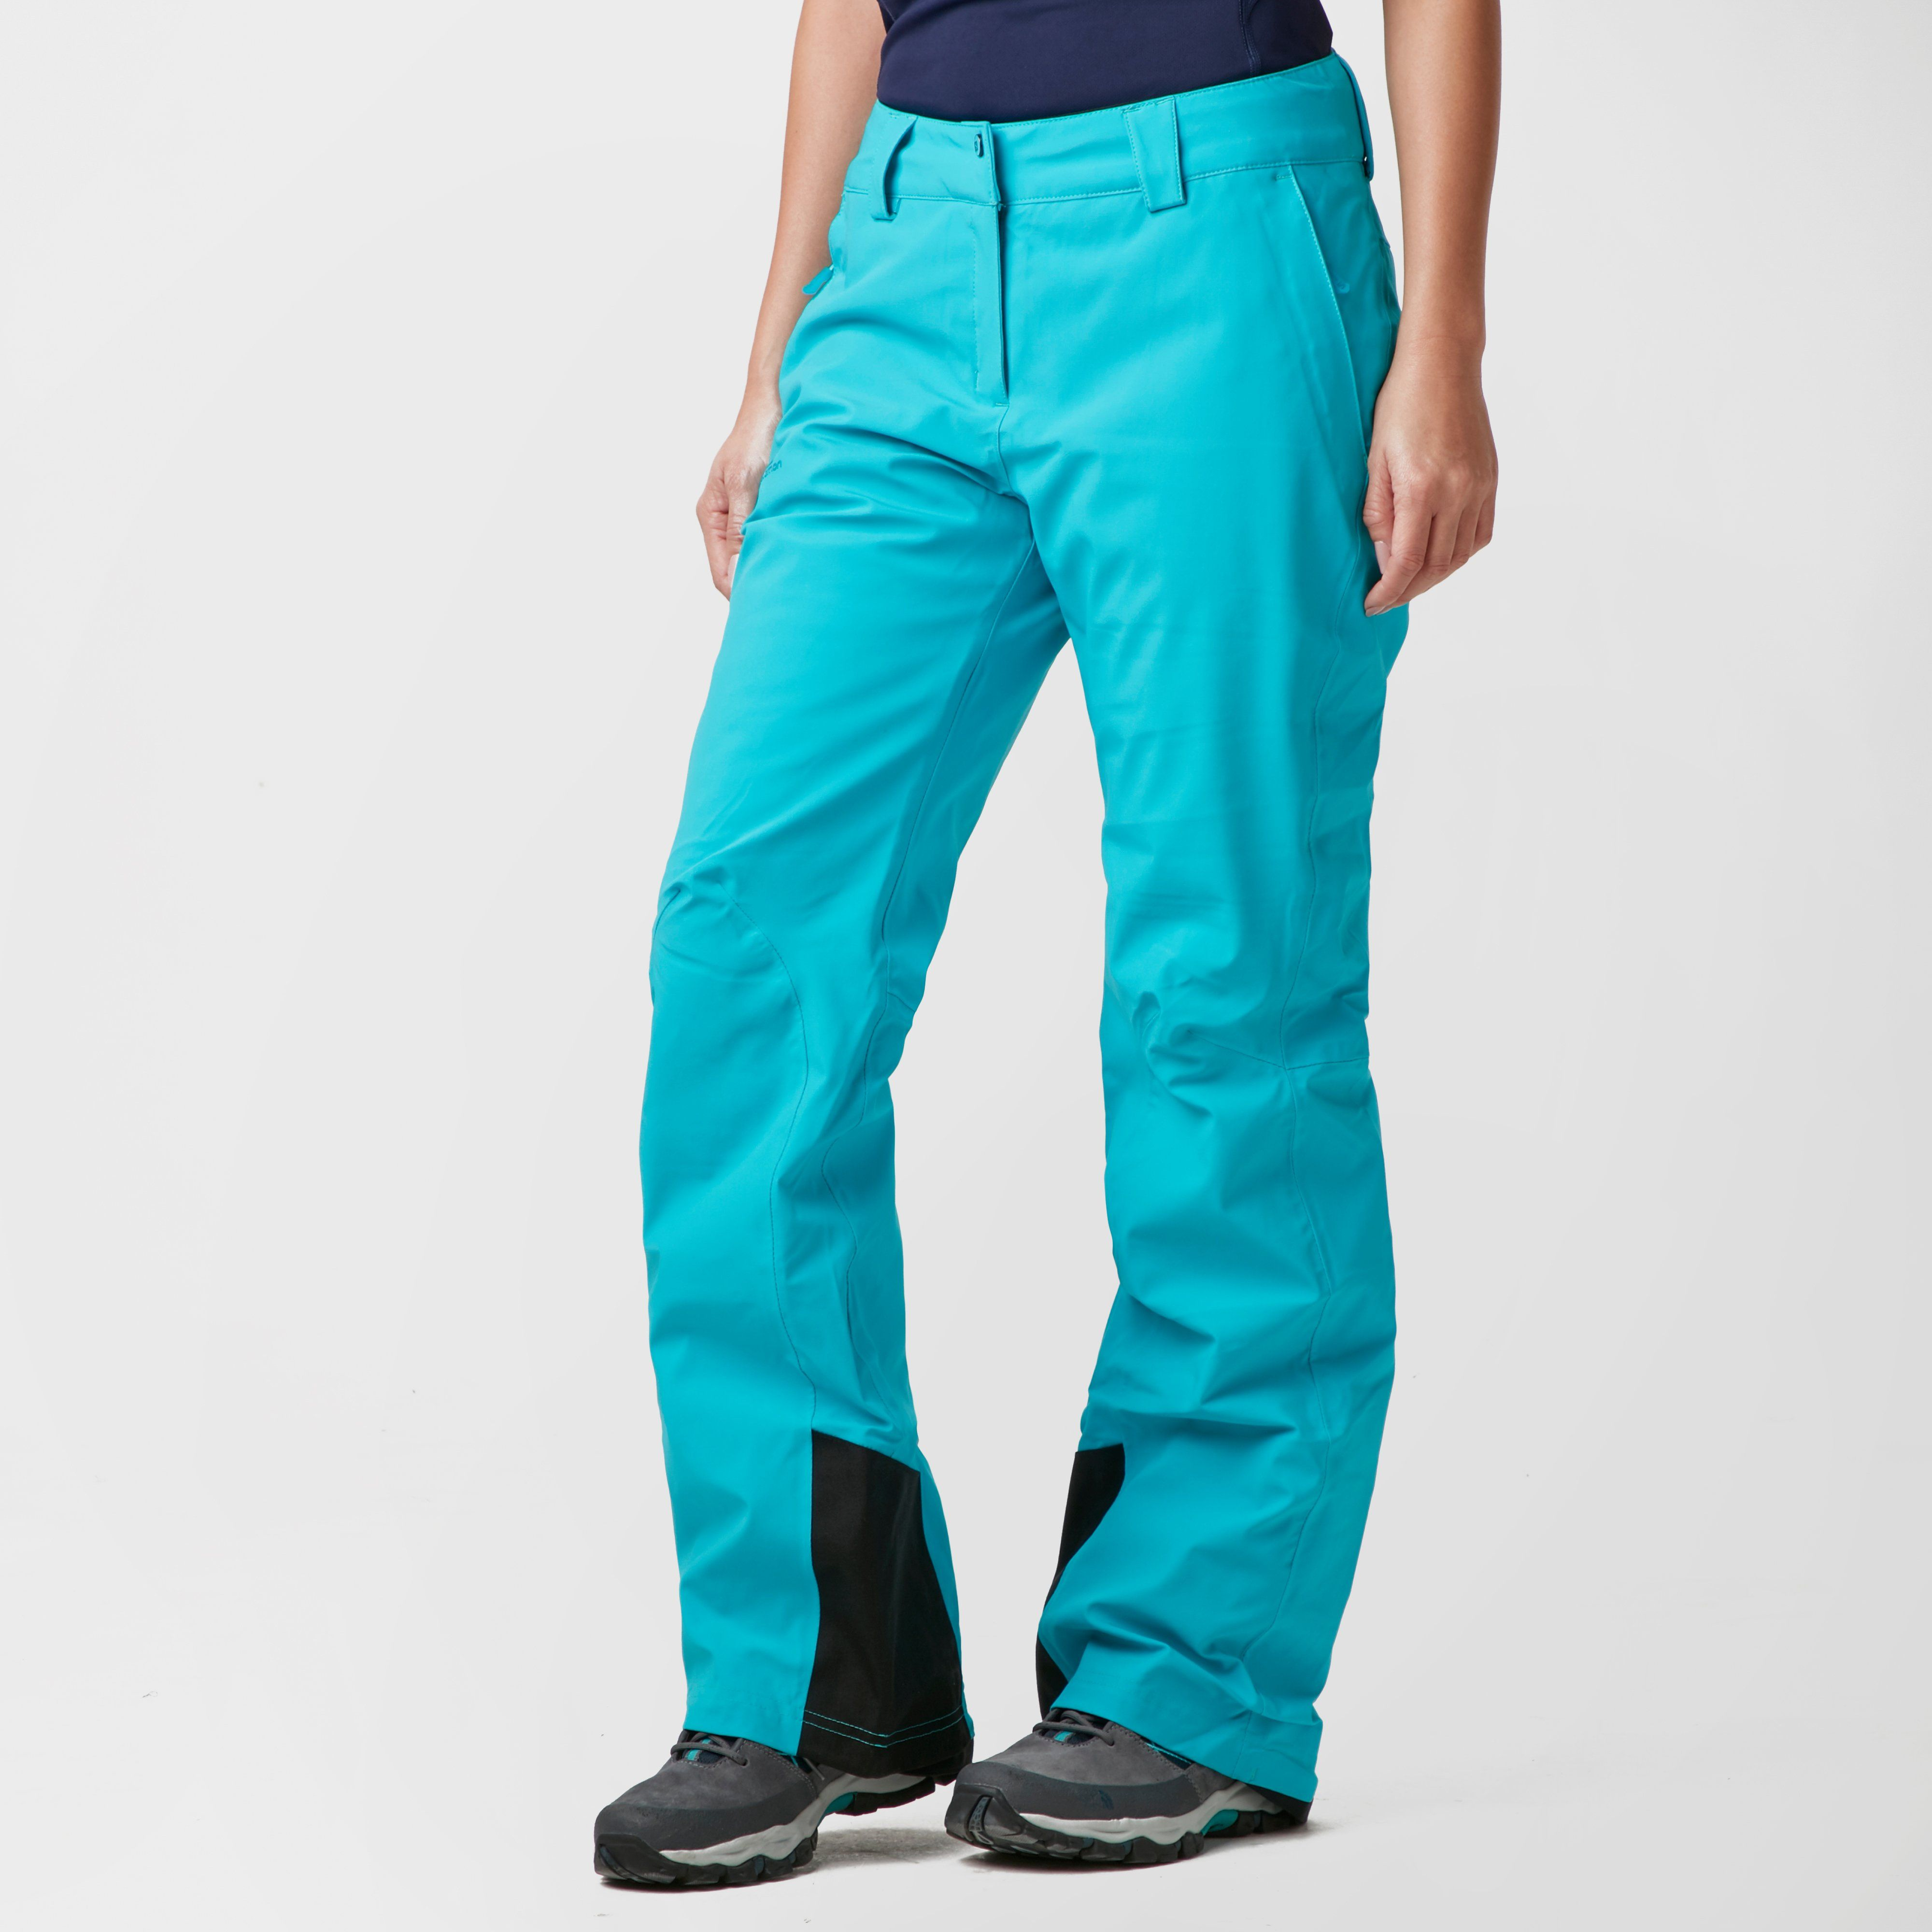 SALOMON Women's Icemania Ski Pants